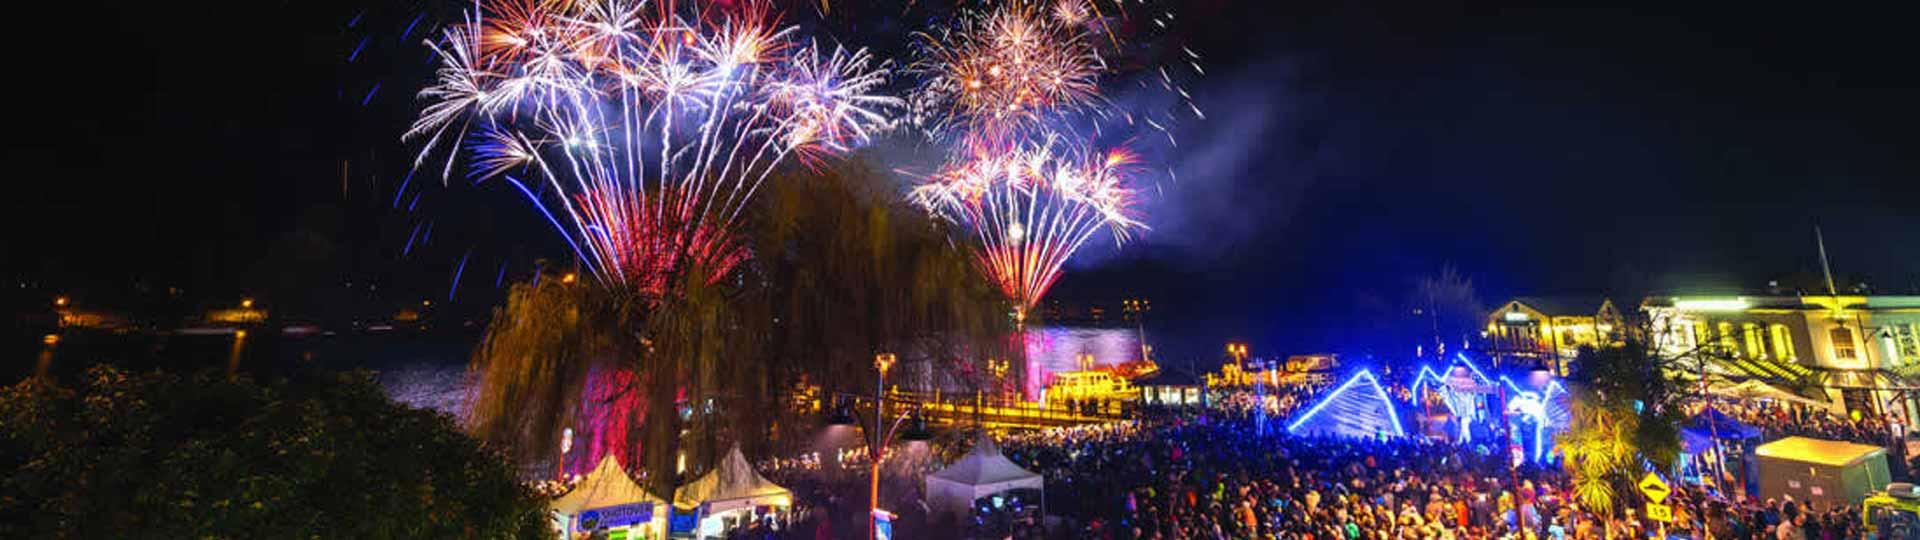 real-journeys-winter-festival